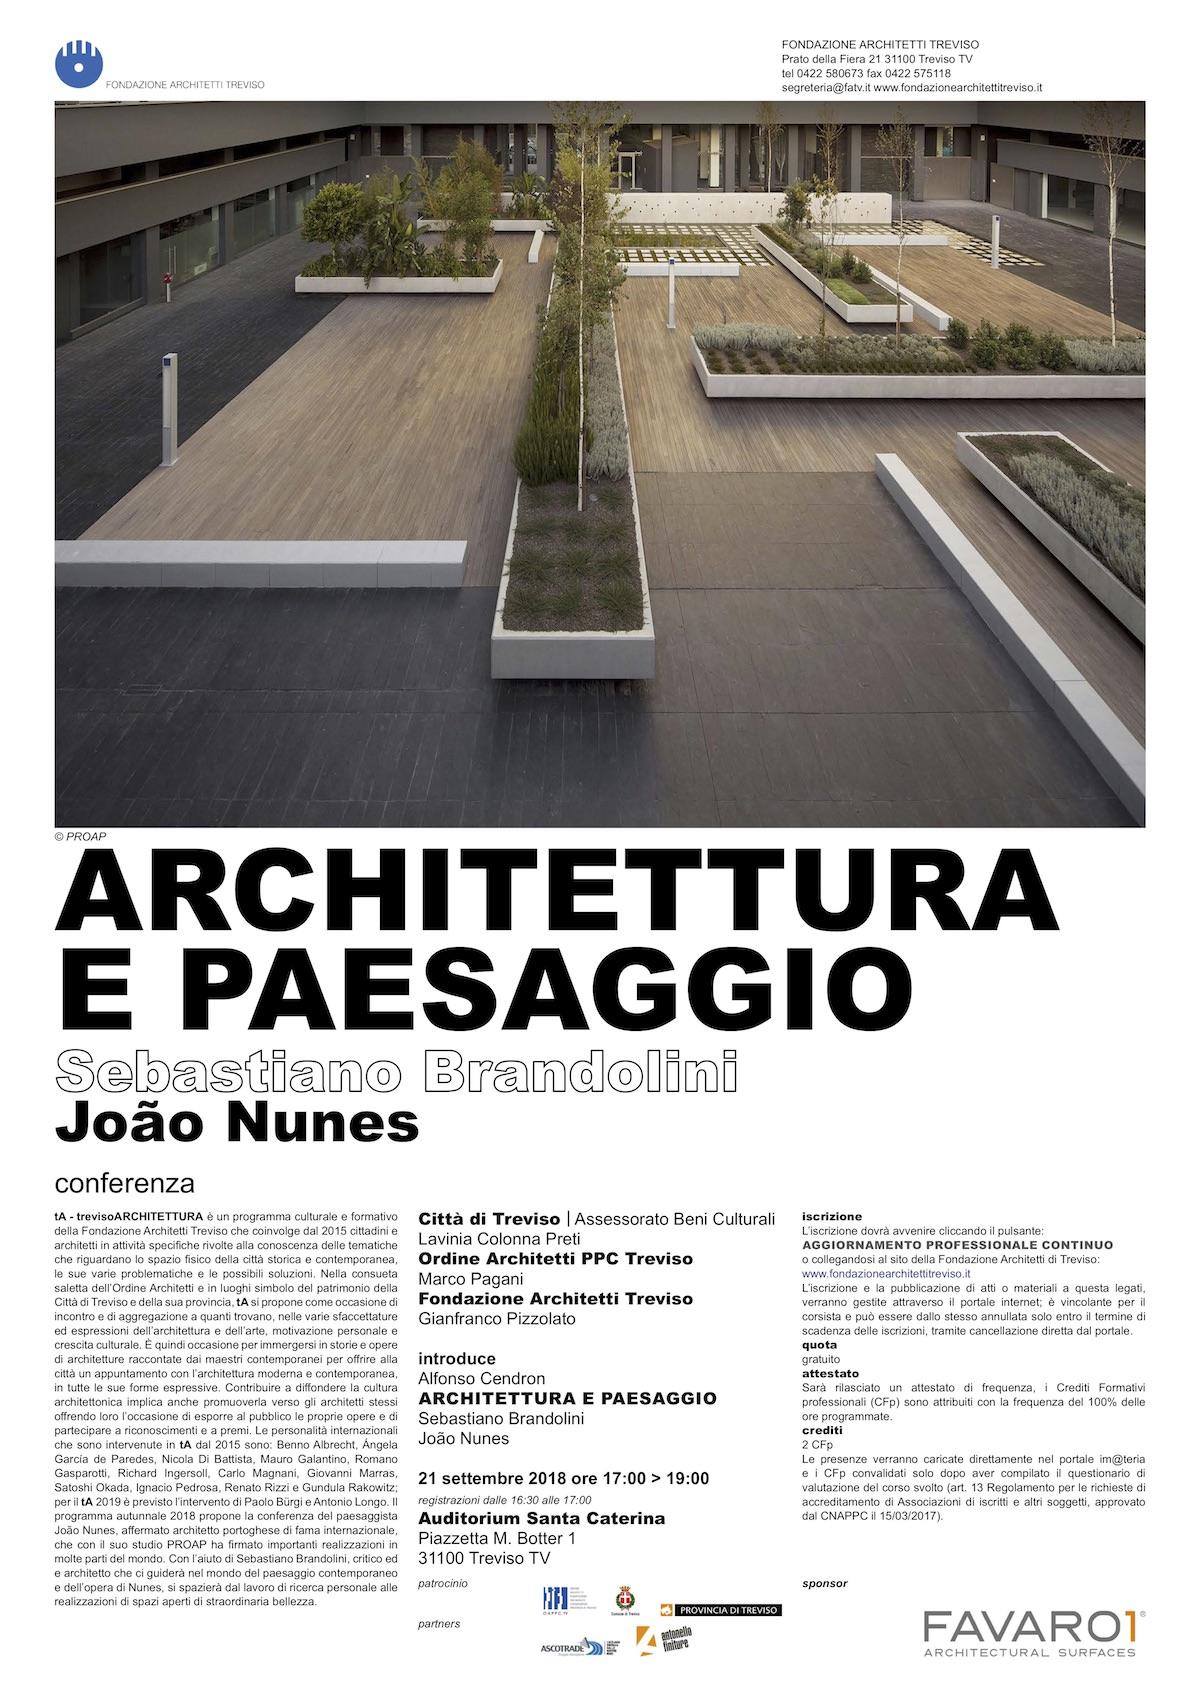 Architettura e paesaggio conferenza di João Nunes e Sebastiano Brandolini